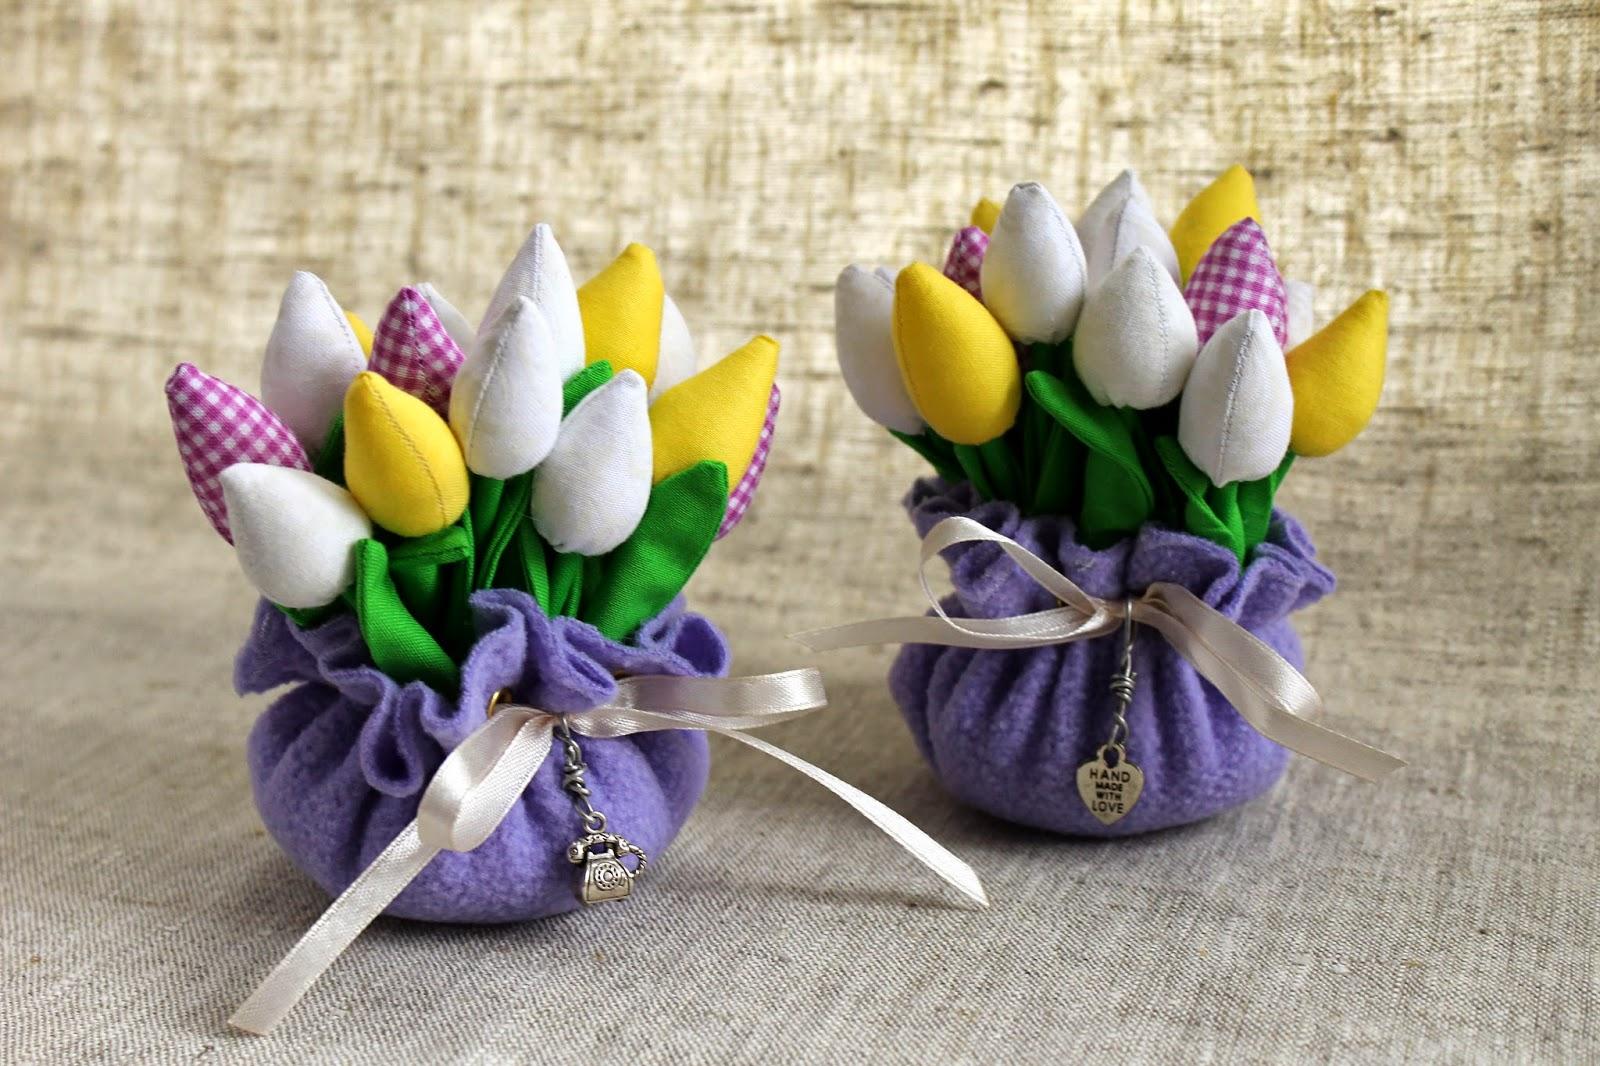 Тюльпаны из ткани, подарок на 8 марта, восьмое марта, день рождения, подарок маме, подарок женщине, для мамы, бабушке, цветы из ткани, весна, весенние цветы